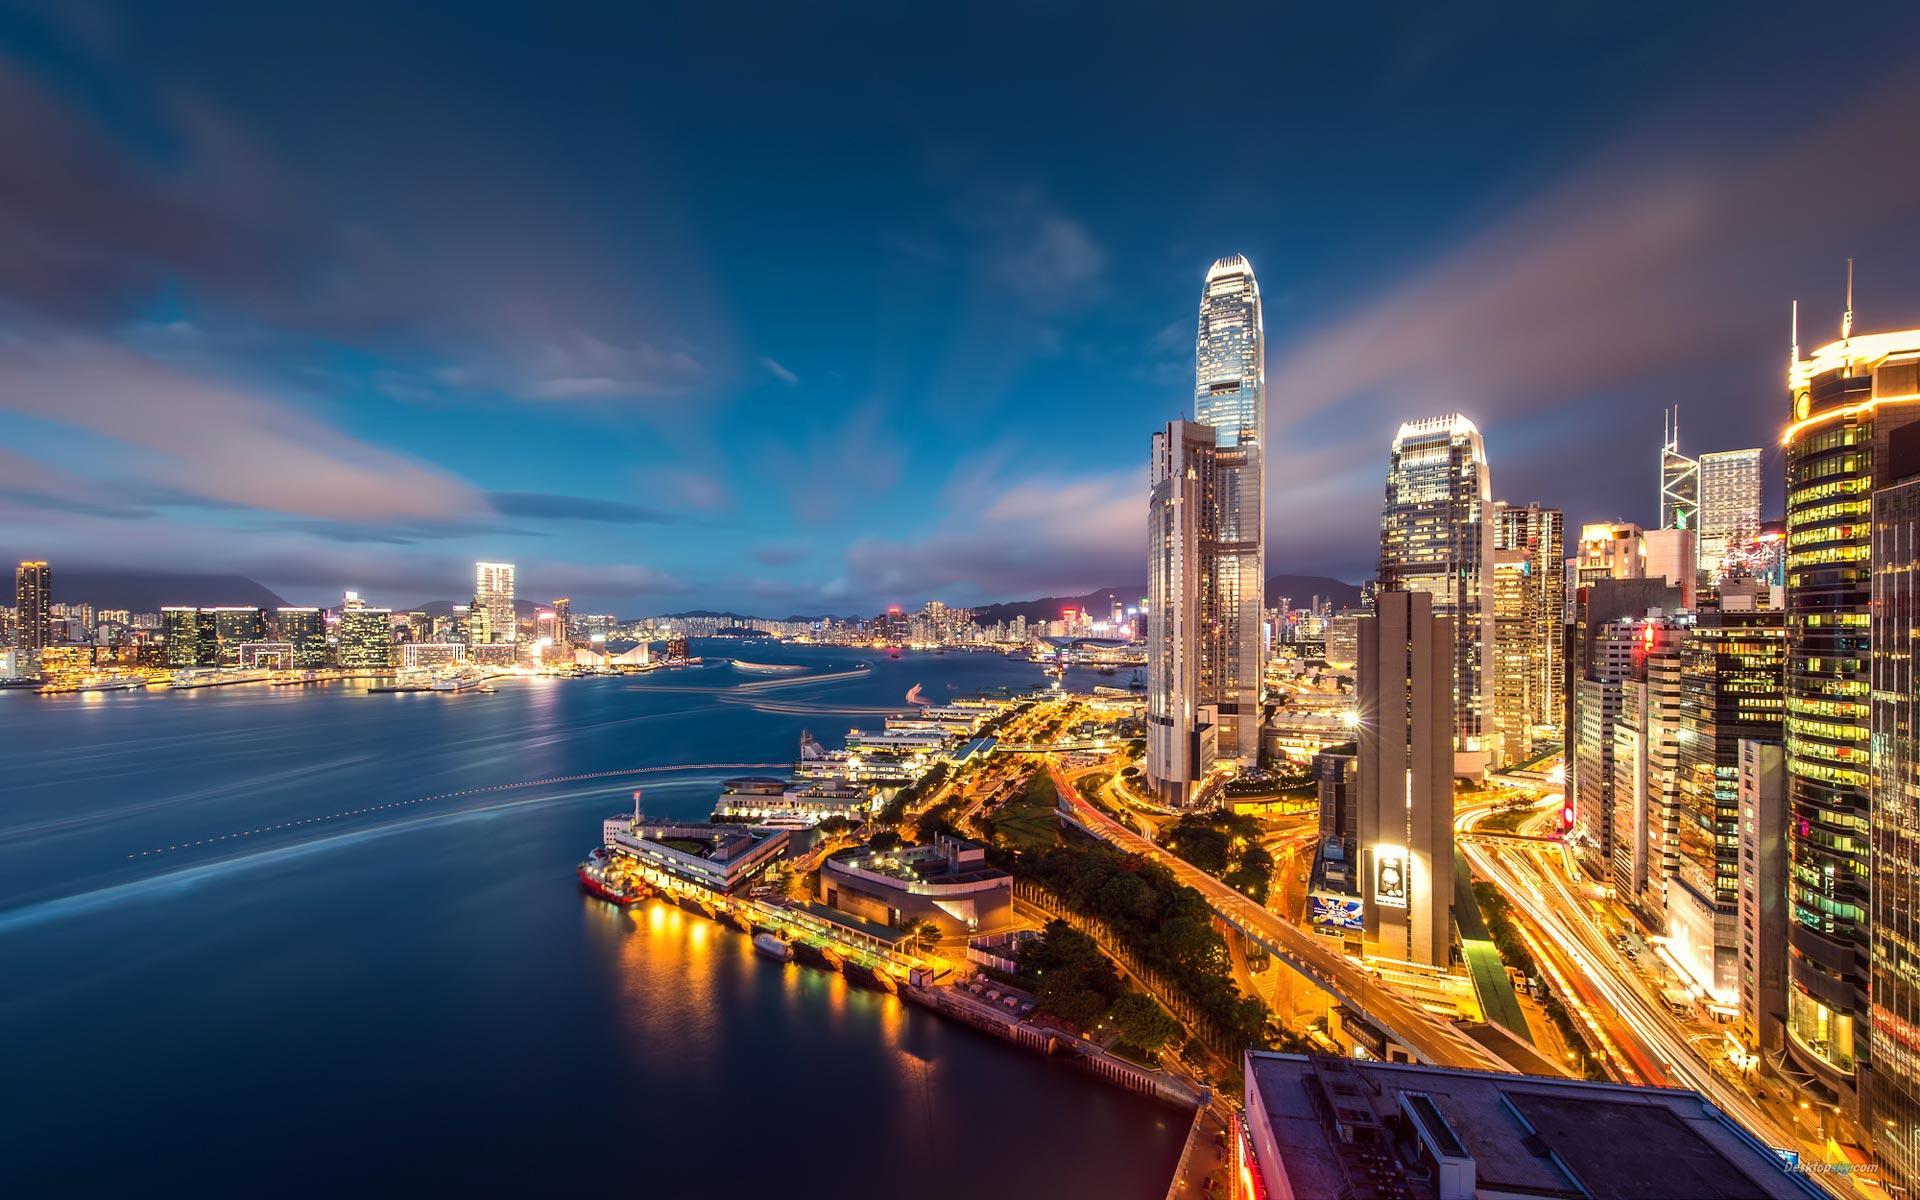 吳鵬飛:給港獨敲響一記警鐘,也給國家提個醒-華發網繁體版